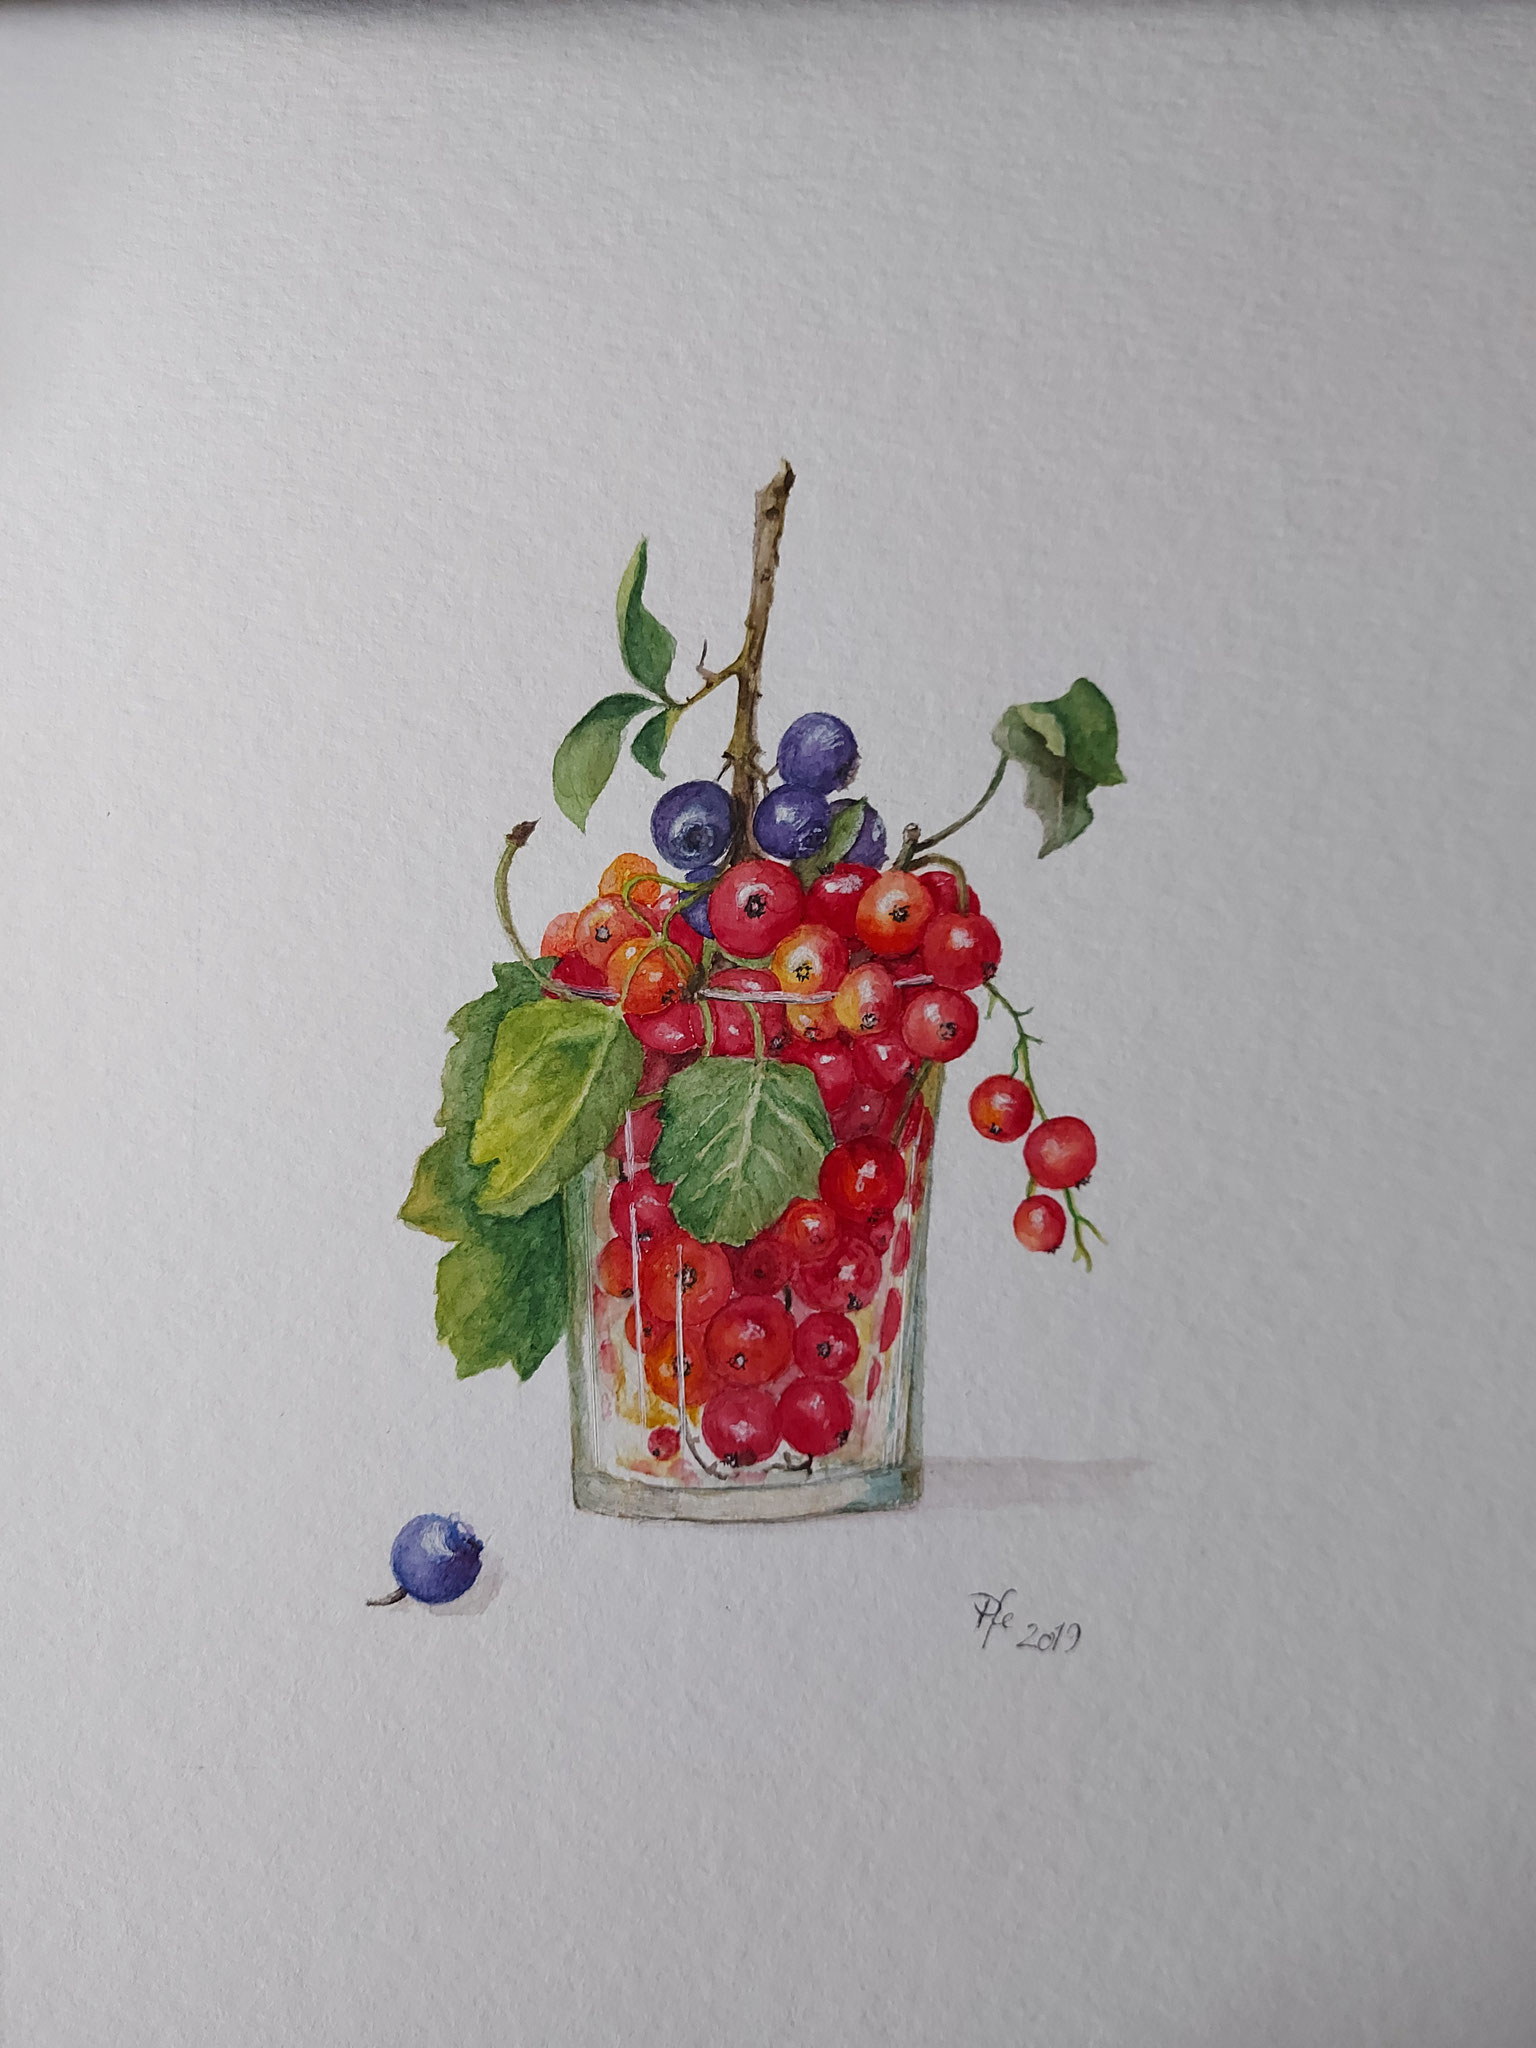 8.2., Früchte-Cocktail, Gemälde der Ludwigsfelderin Ursula Pfeffer, A37